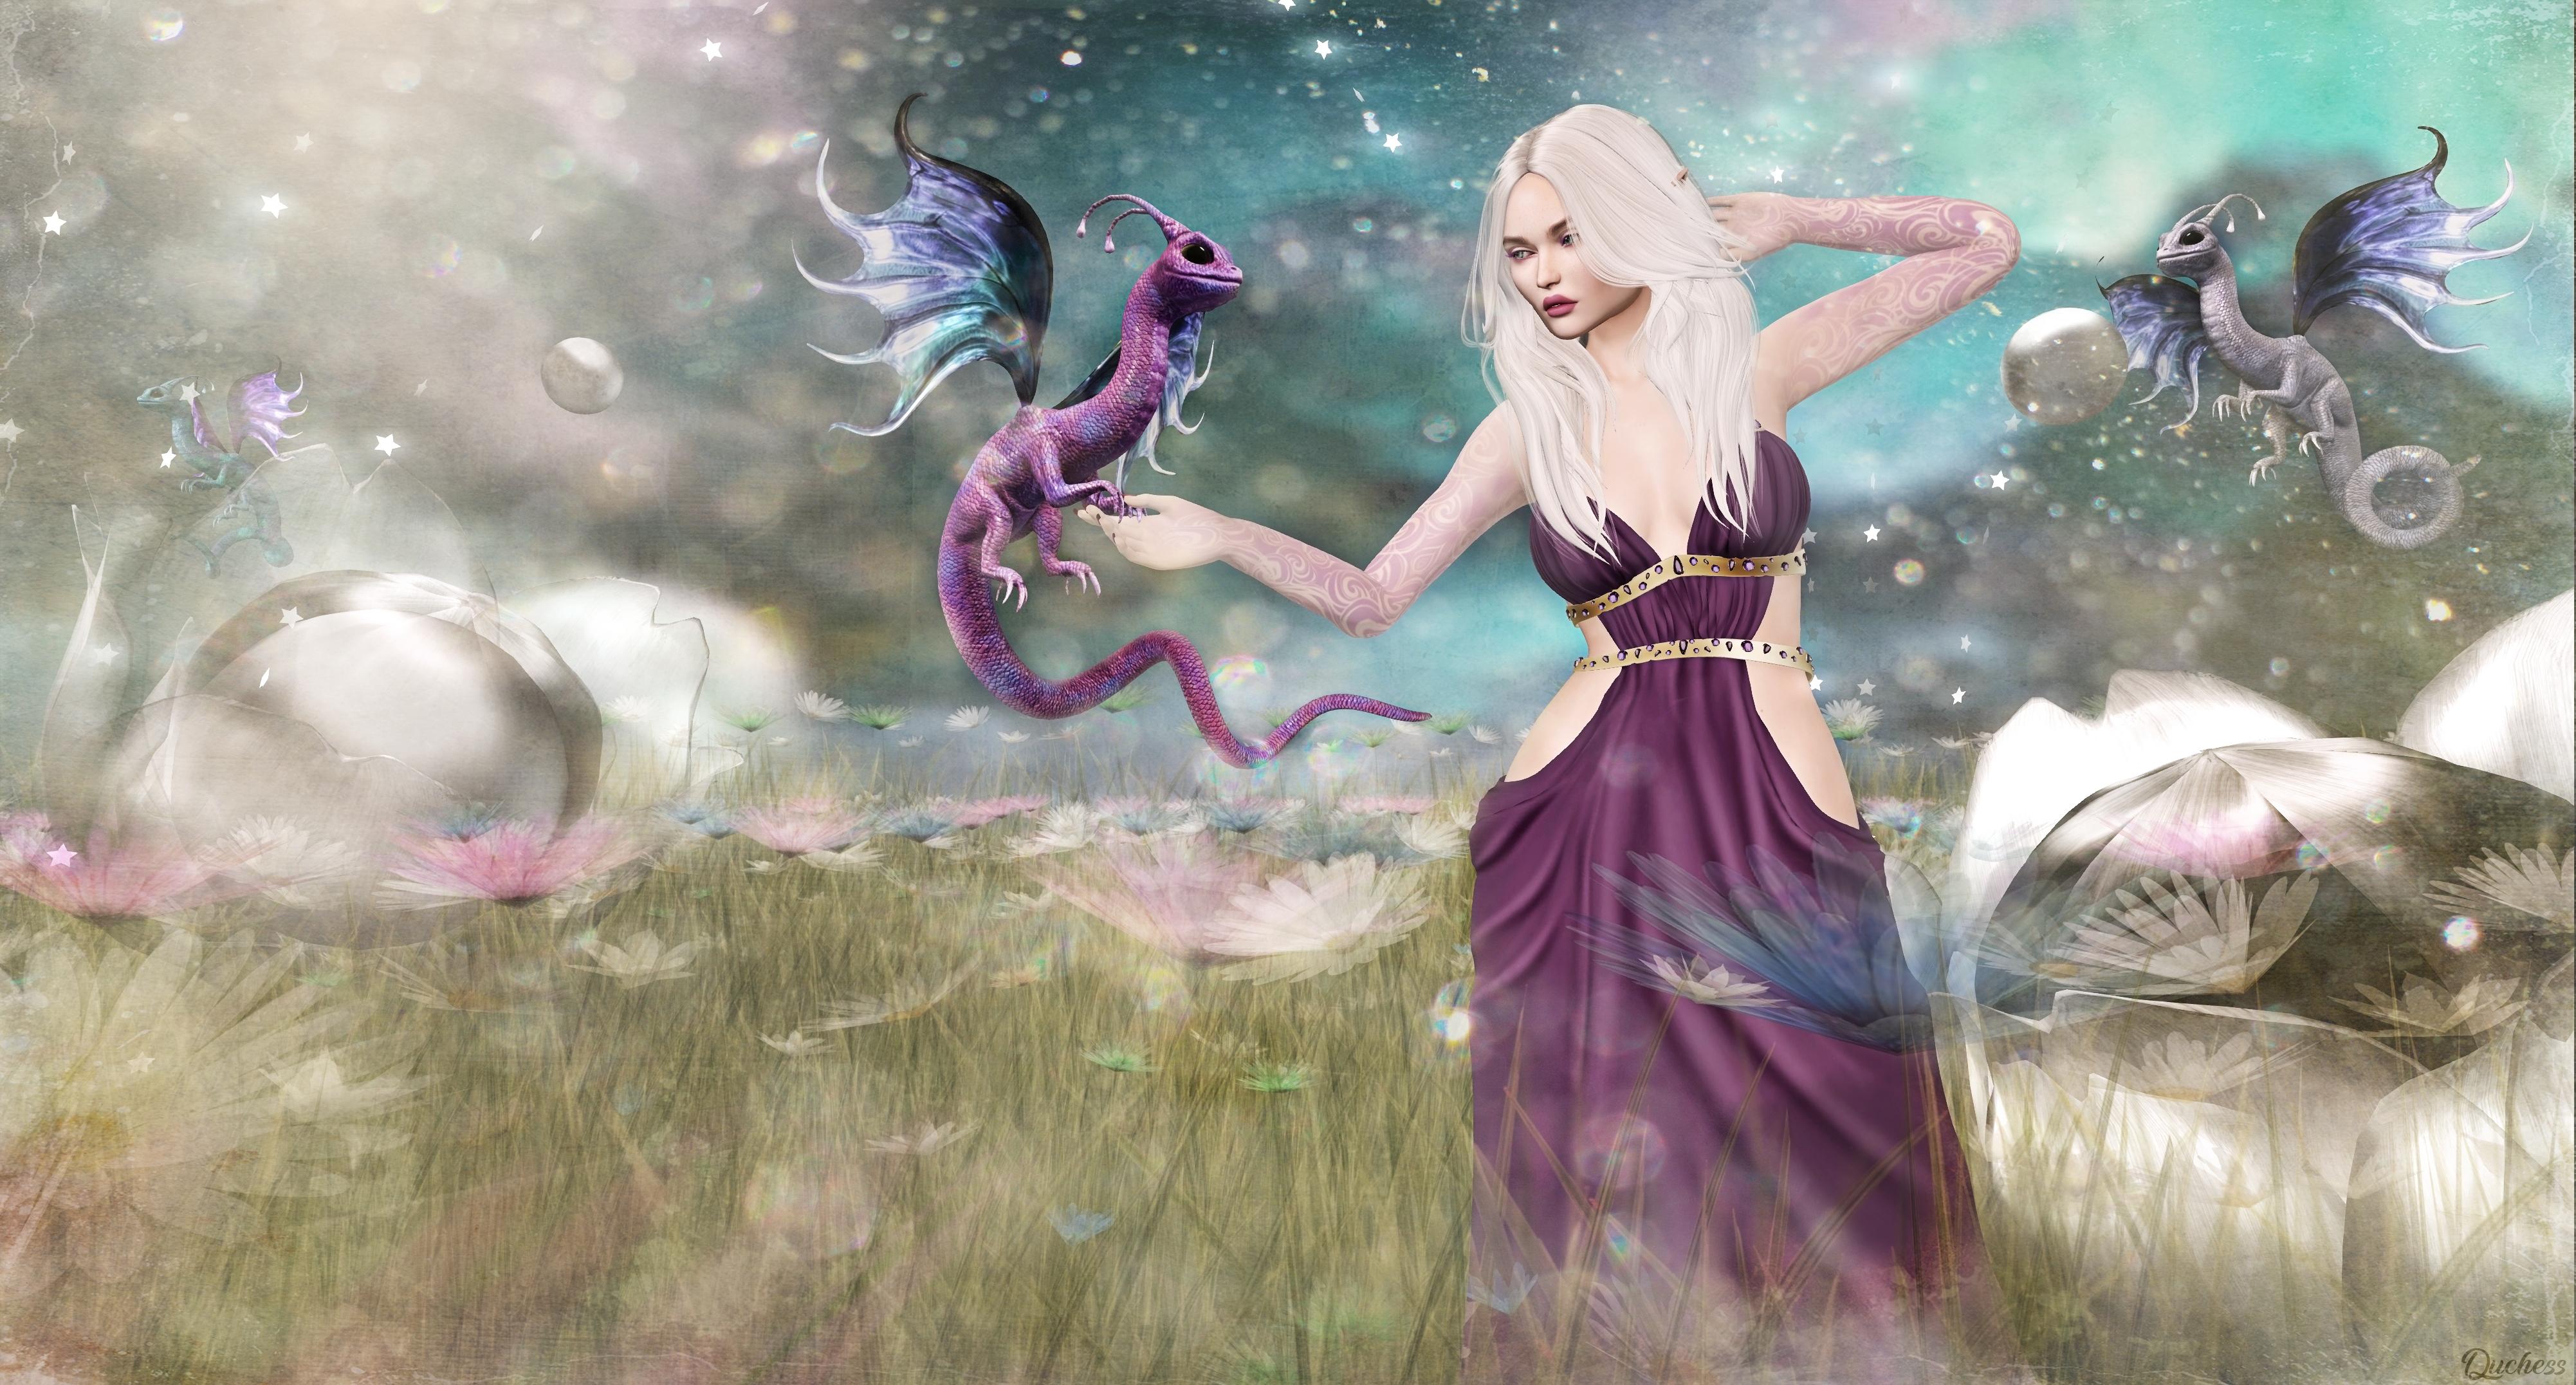 Juego de Tronos Fantasy - 4004x2152